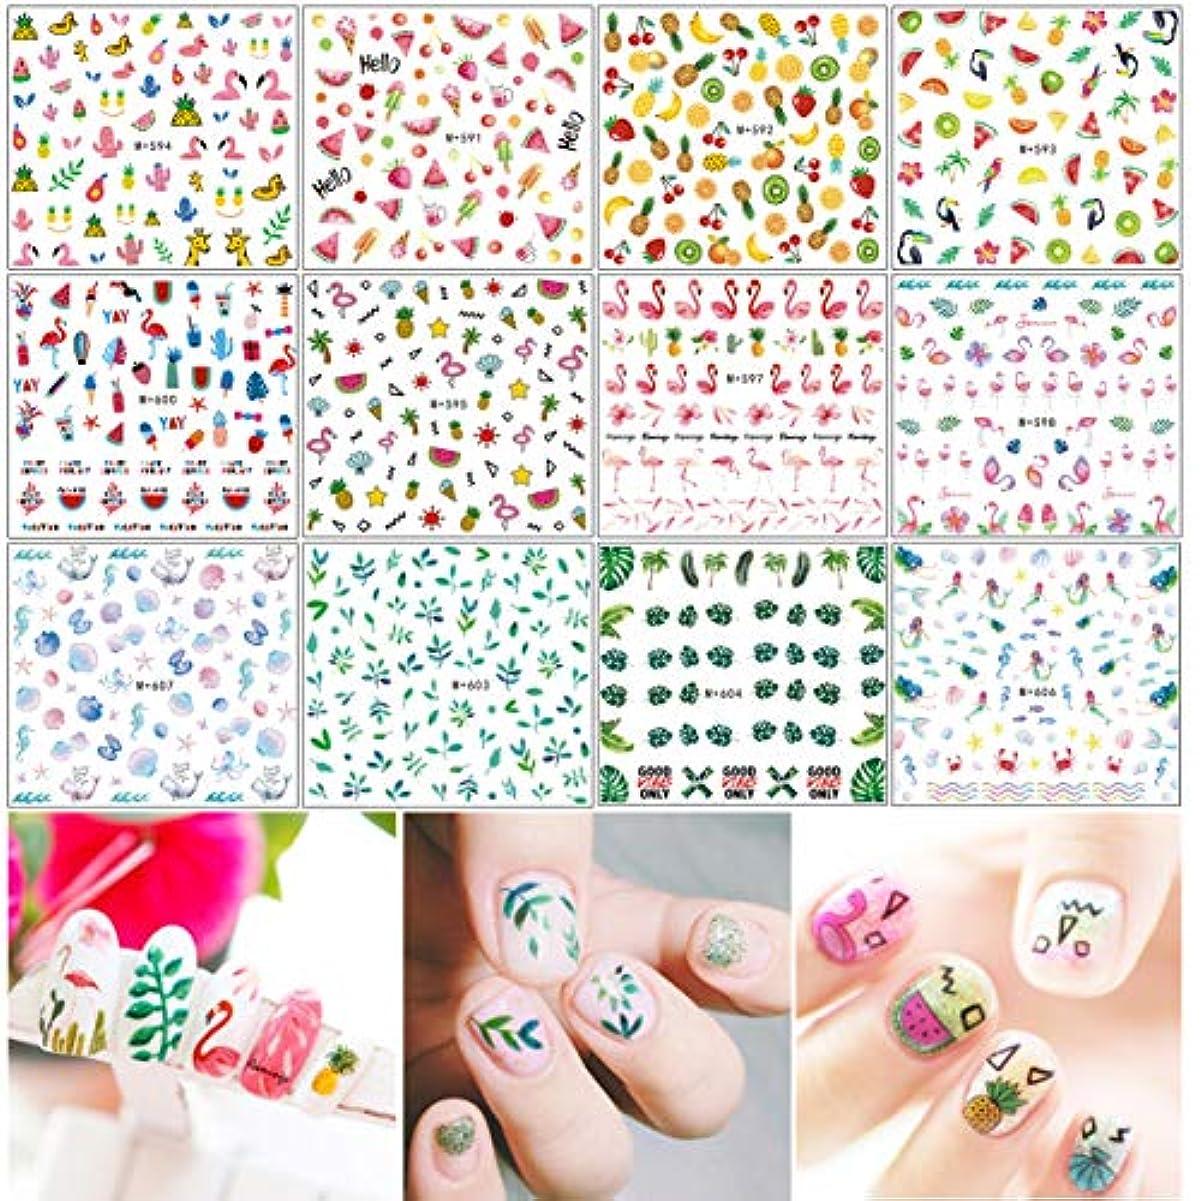 想像するヒステリック奪う12枚 ネイルアートシール ミニパターン ネイルアート用 果物、花、貝殻、人魚、葉っぱ、鳥、動物柄など揃って 可愛い マニキュア ネイルステッカー